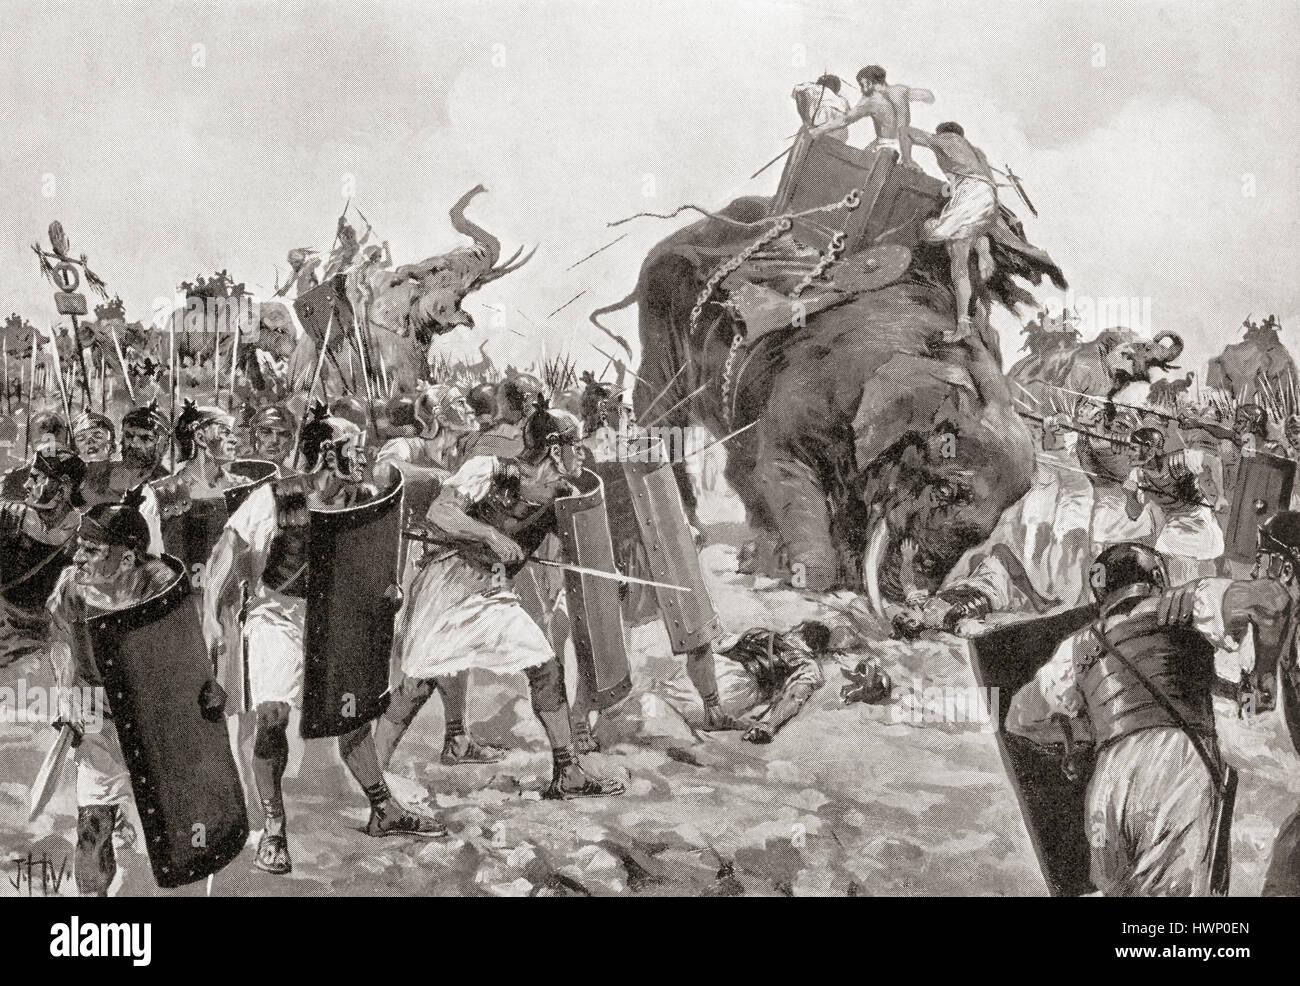 La battaglia di Zama, c. Ottobre 19, 202 BC, segnando la fine della Seconda Guerra Punica. L'esercito romano Immagini Stock